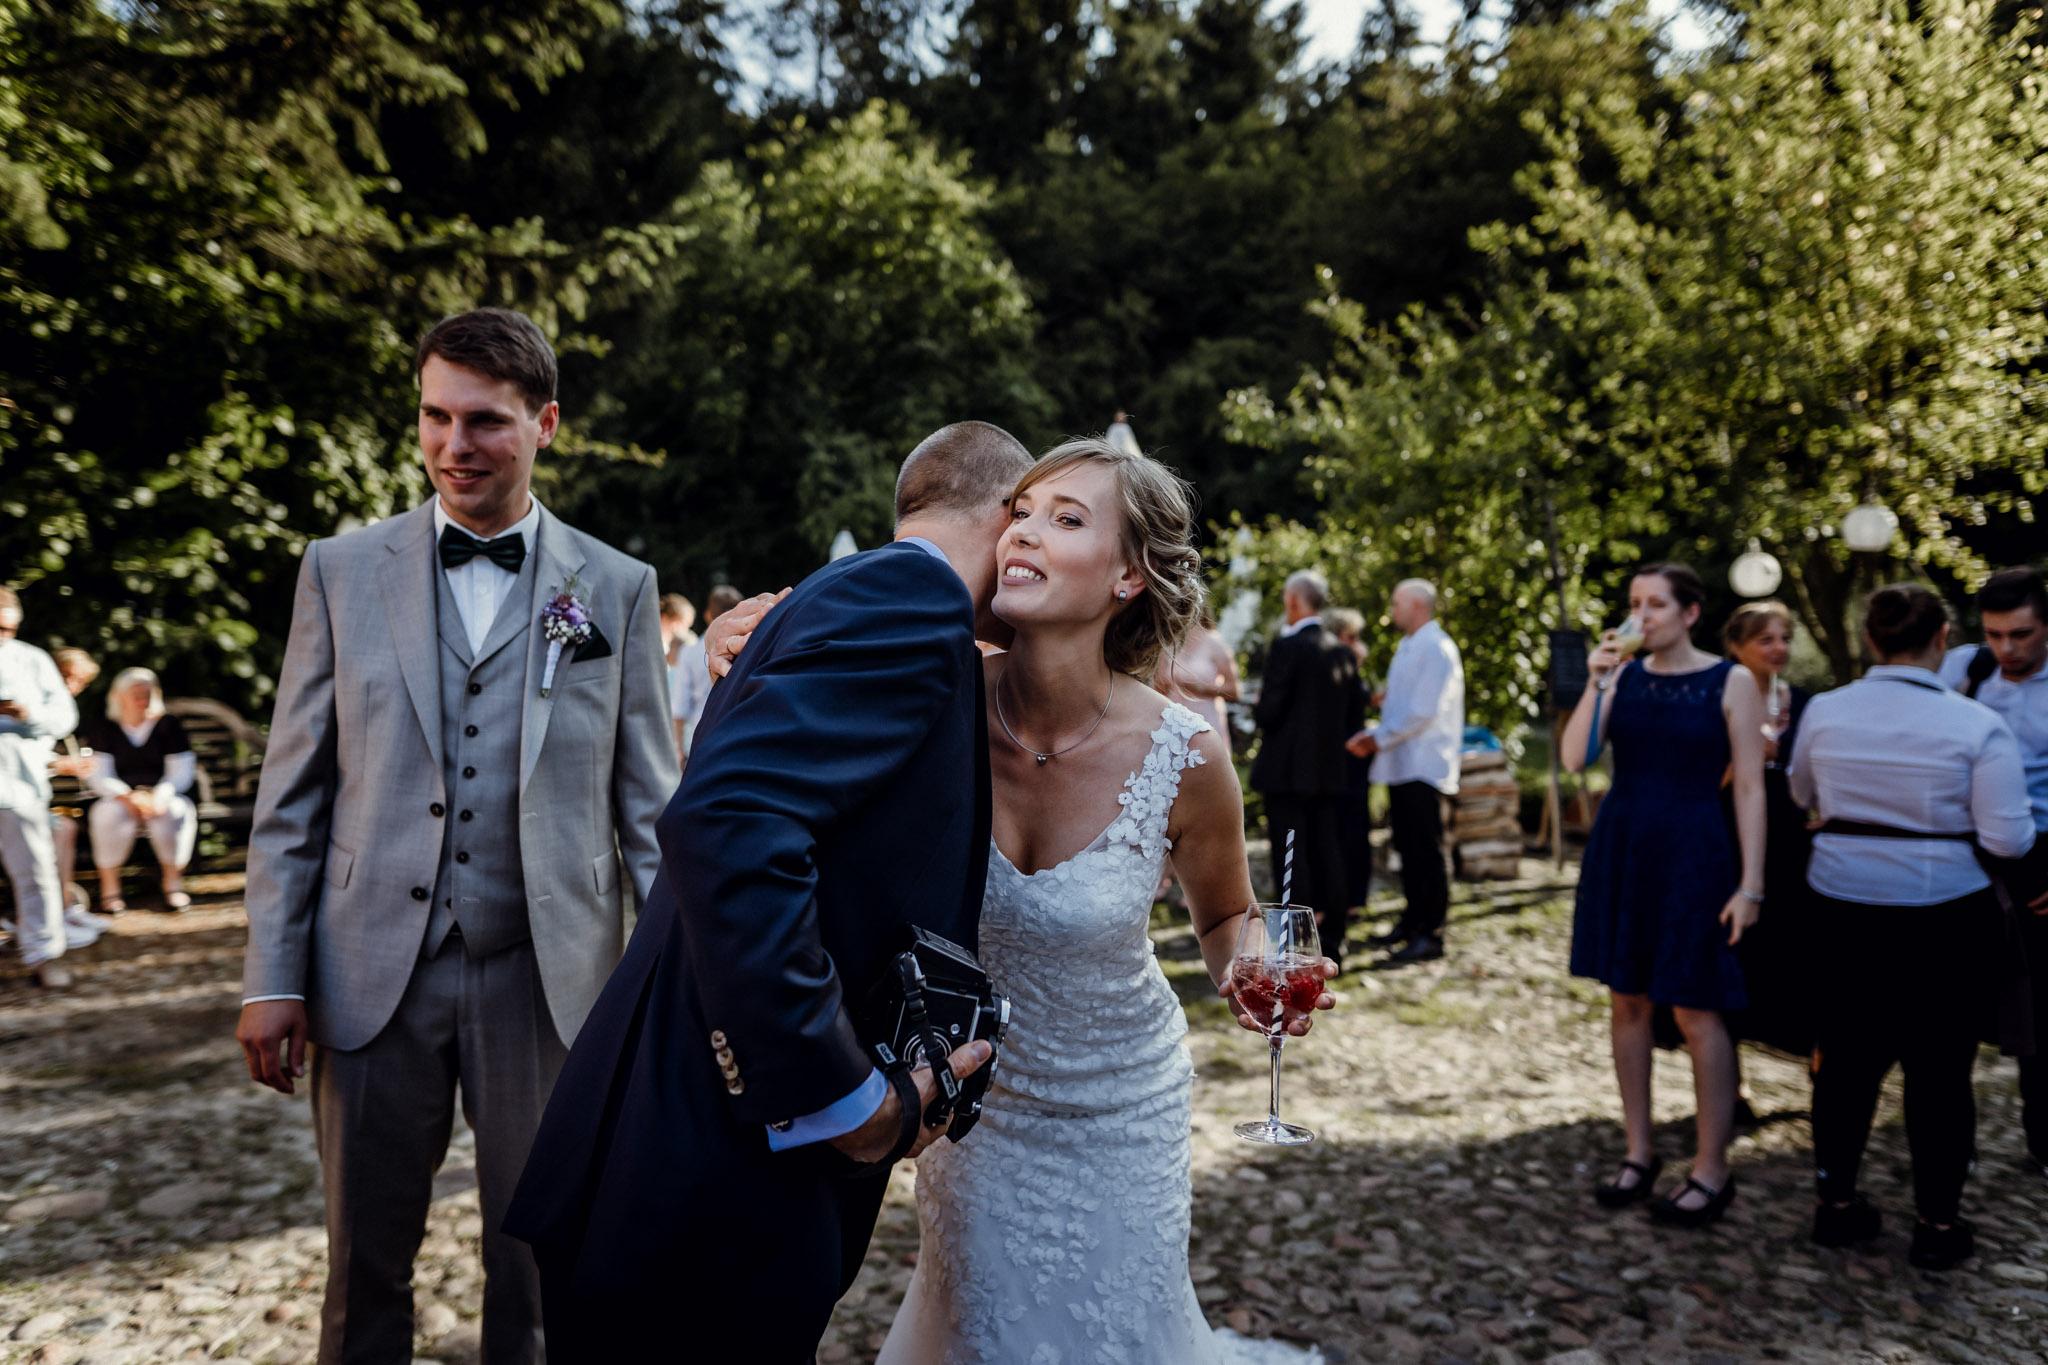 Sven Schomburg Hochzeitsfotografie, Hamburg, Mölln, Hochzeitsfieber by Photo-Schomburg, Hochzeitsreportage, Forsthaus Waldhusen, Braut, Bräutigam-64